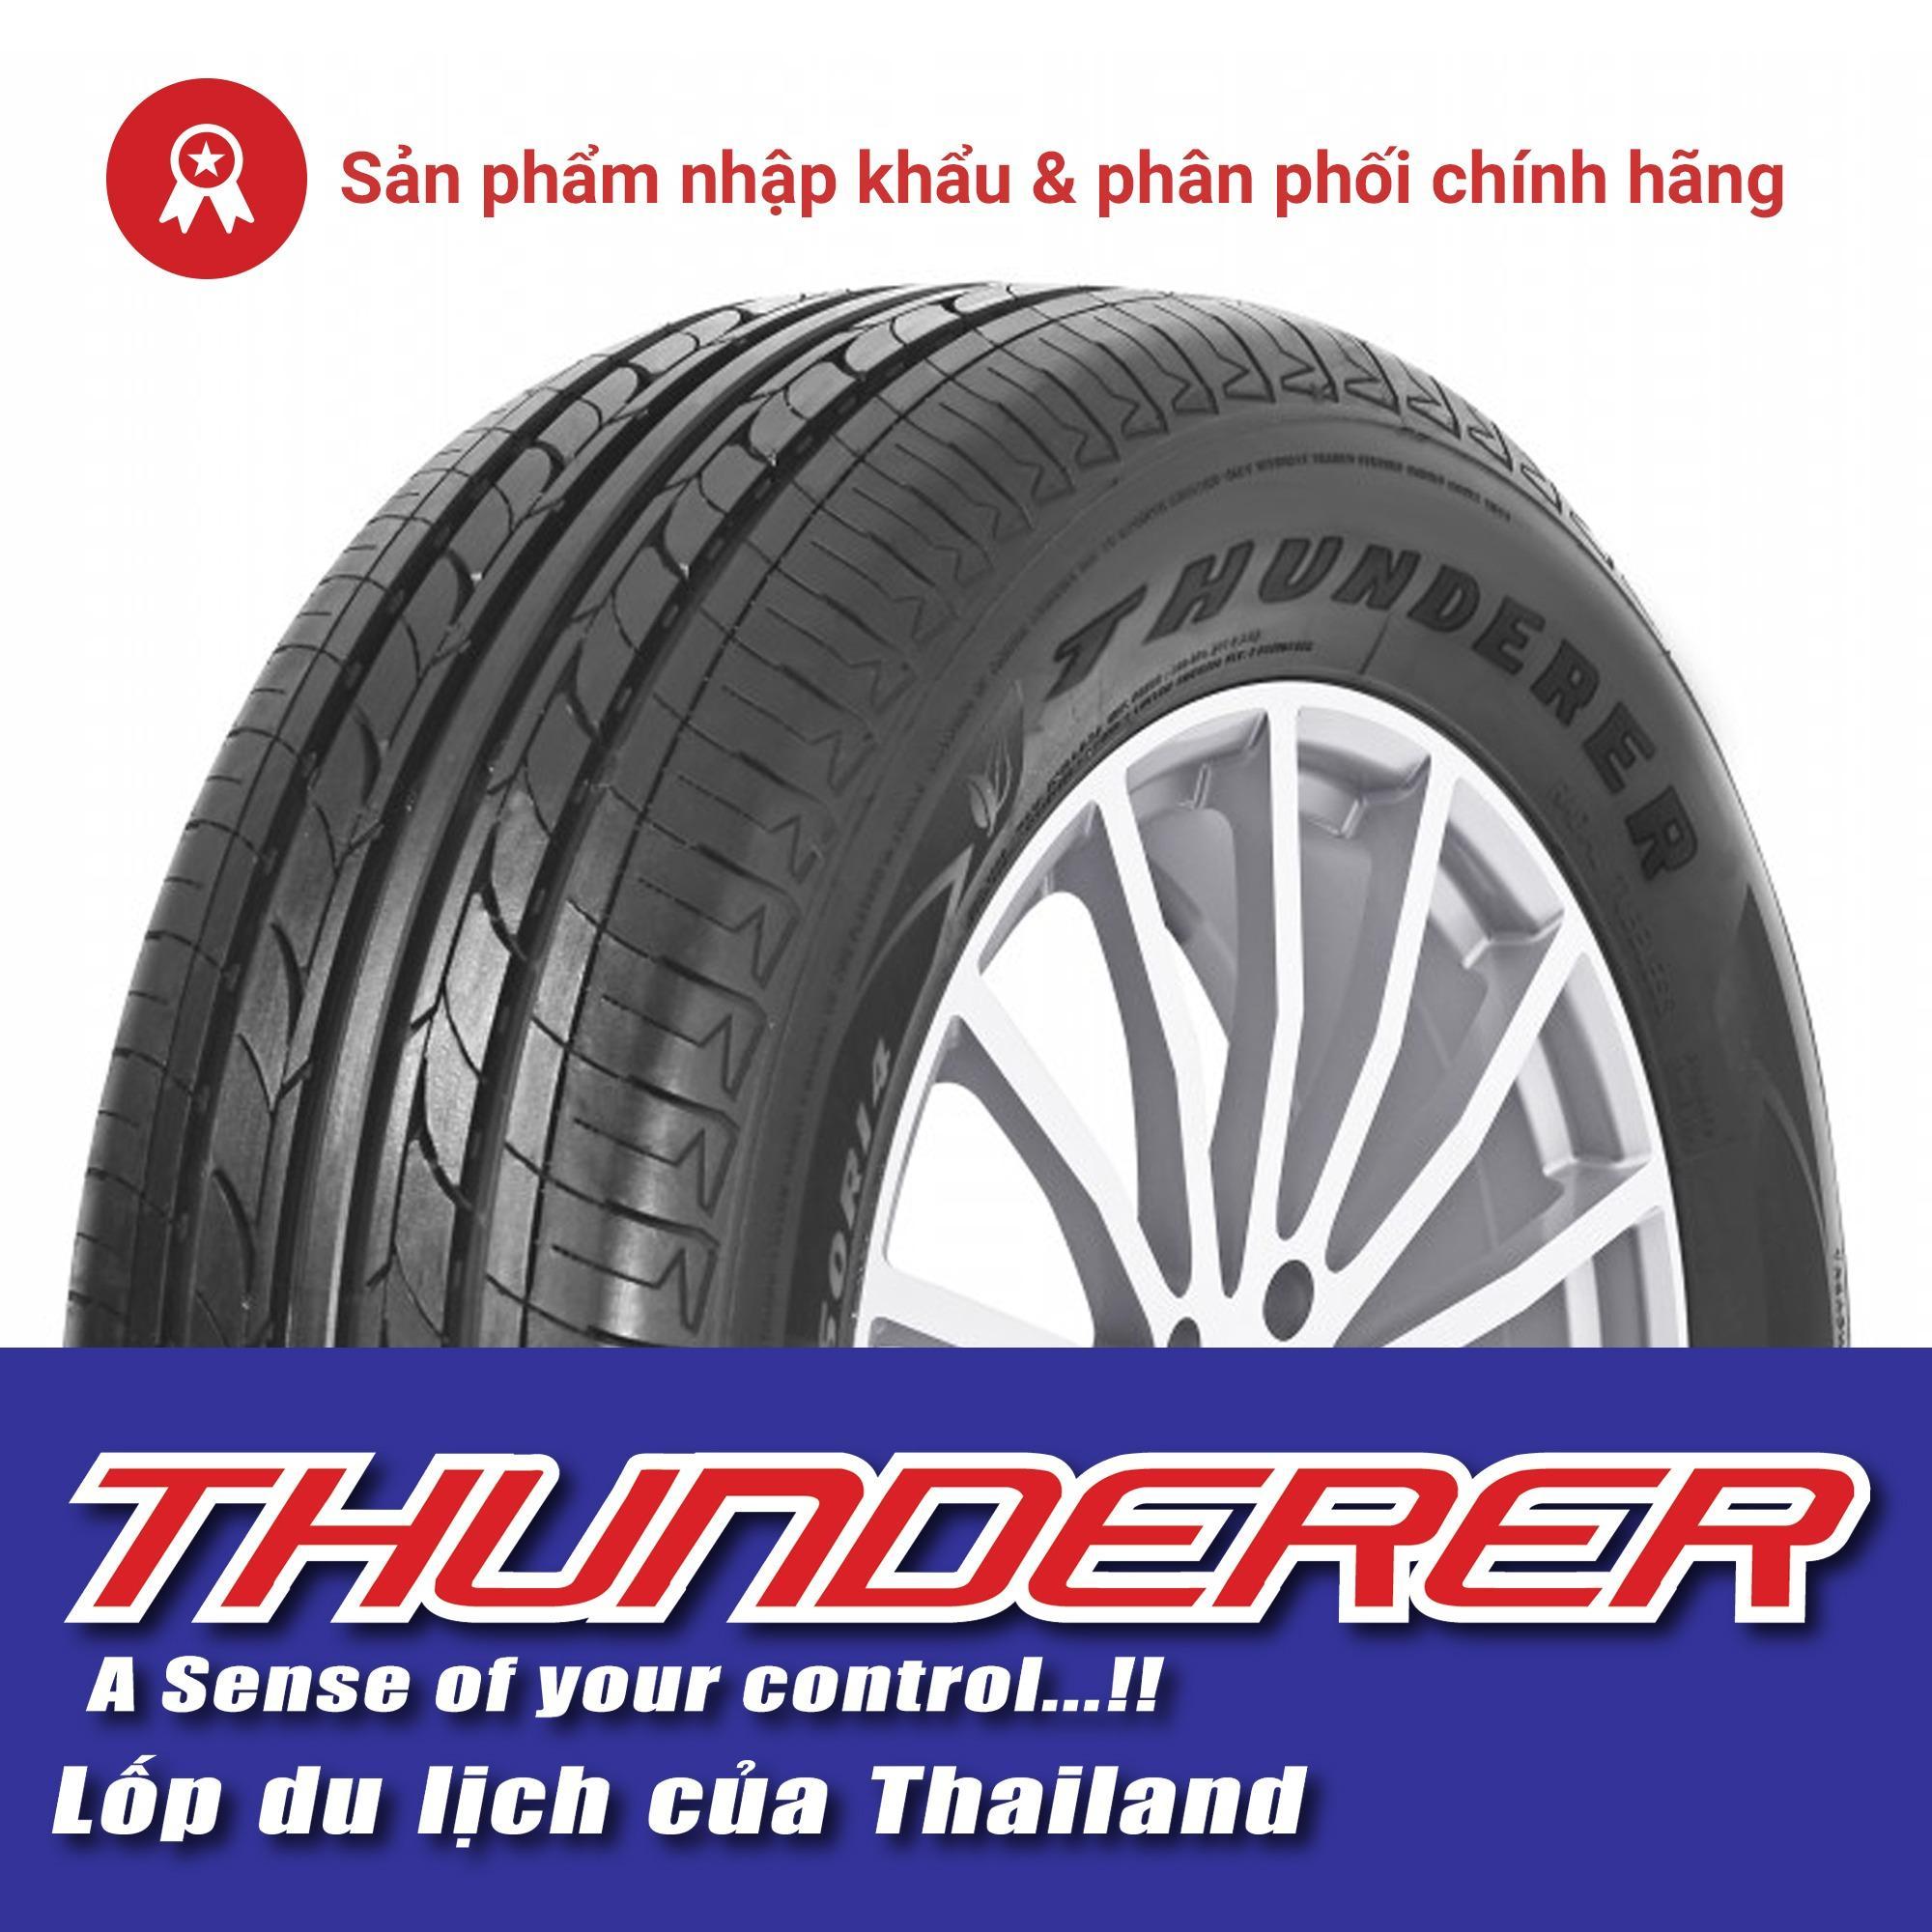 Bán Thay 04 Lốp Vỏ Xe Oto 165 65R14 79T R203 Thunderer Chinh Hang Cho Xe Hyundai Grand I10 Combo 04 Lốp Vỏ Thunderer Nguyên